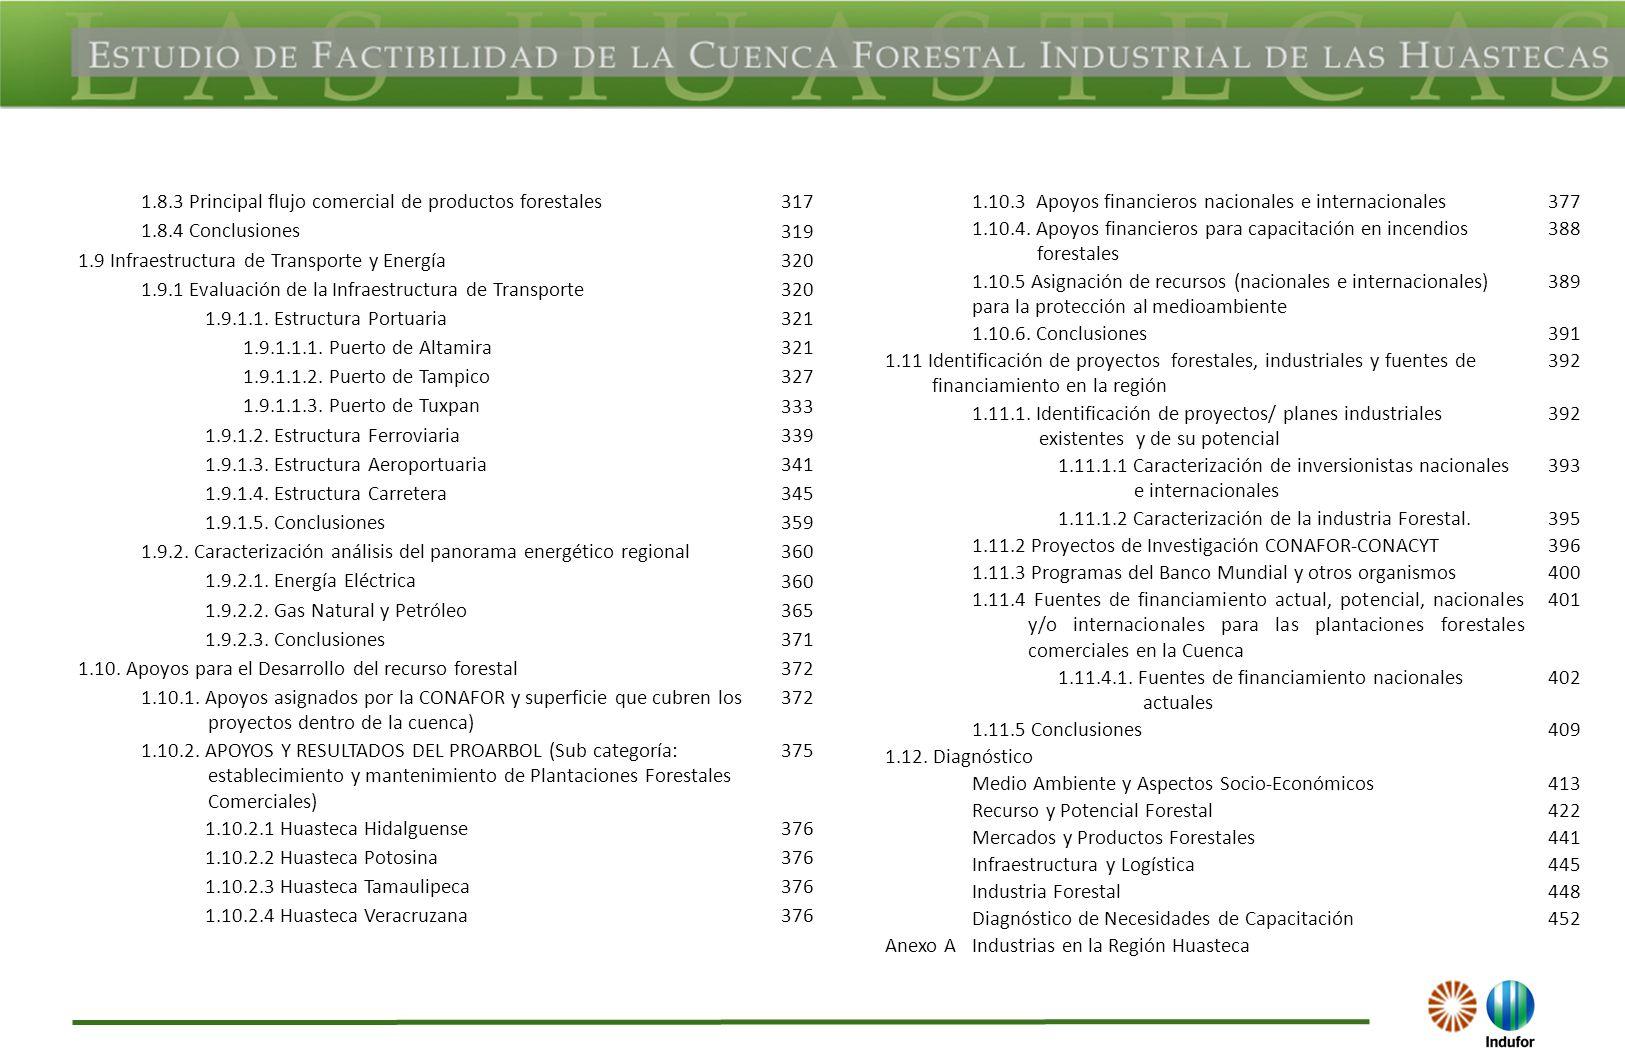 1.8.3 Principal flujo comercial de productos forestales